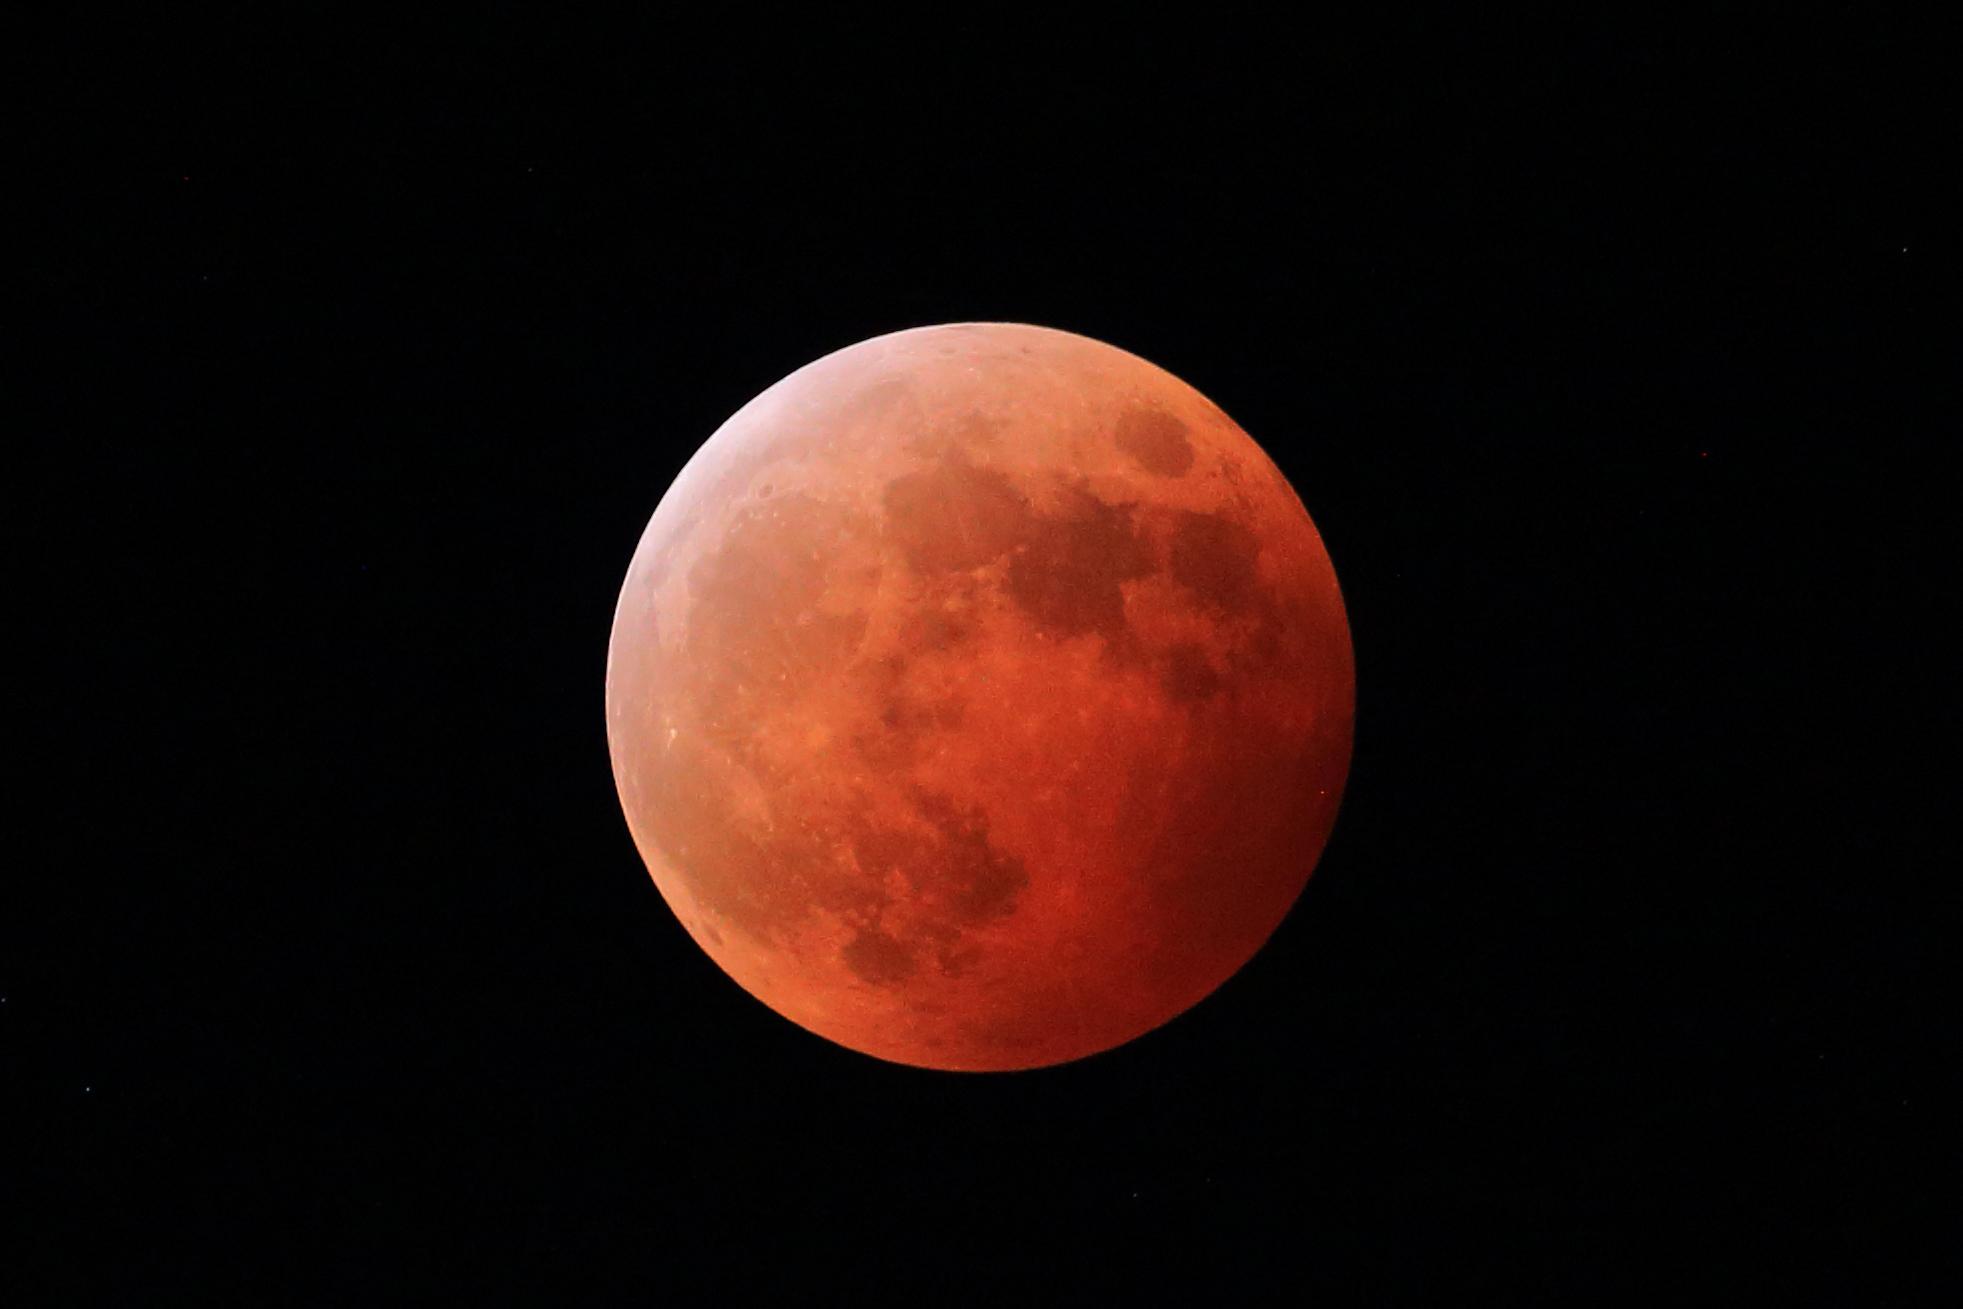 2014年10月8日,宁波北仑,月全食时月亮变成了红色。张海华摄13586911701.jpg